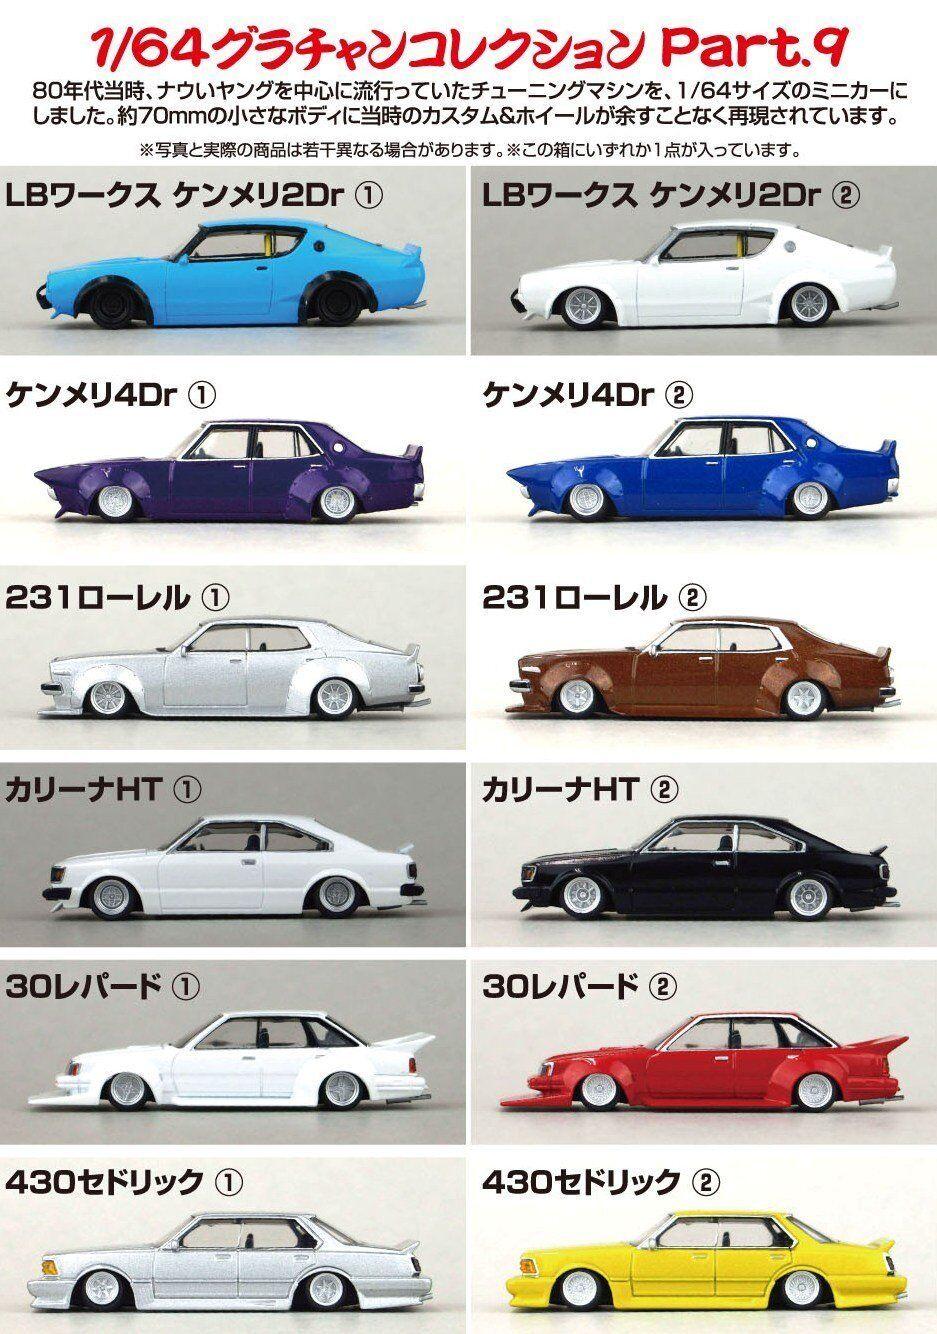 Aoshima 1 64 Japanese  Classic voiture gurachan collection part .9 (12 pcs boîte) avec t  les promotions